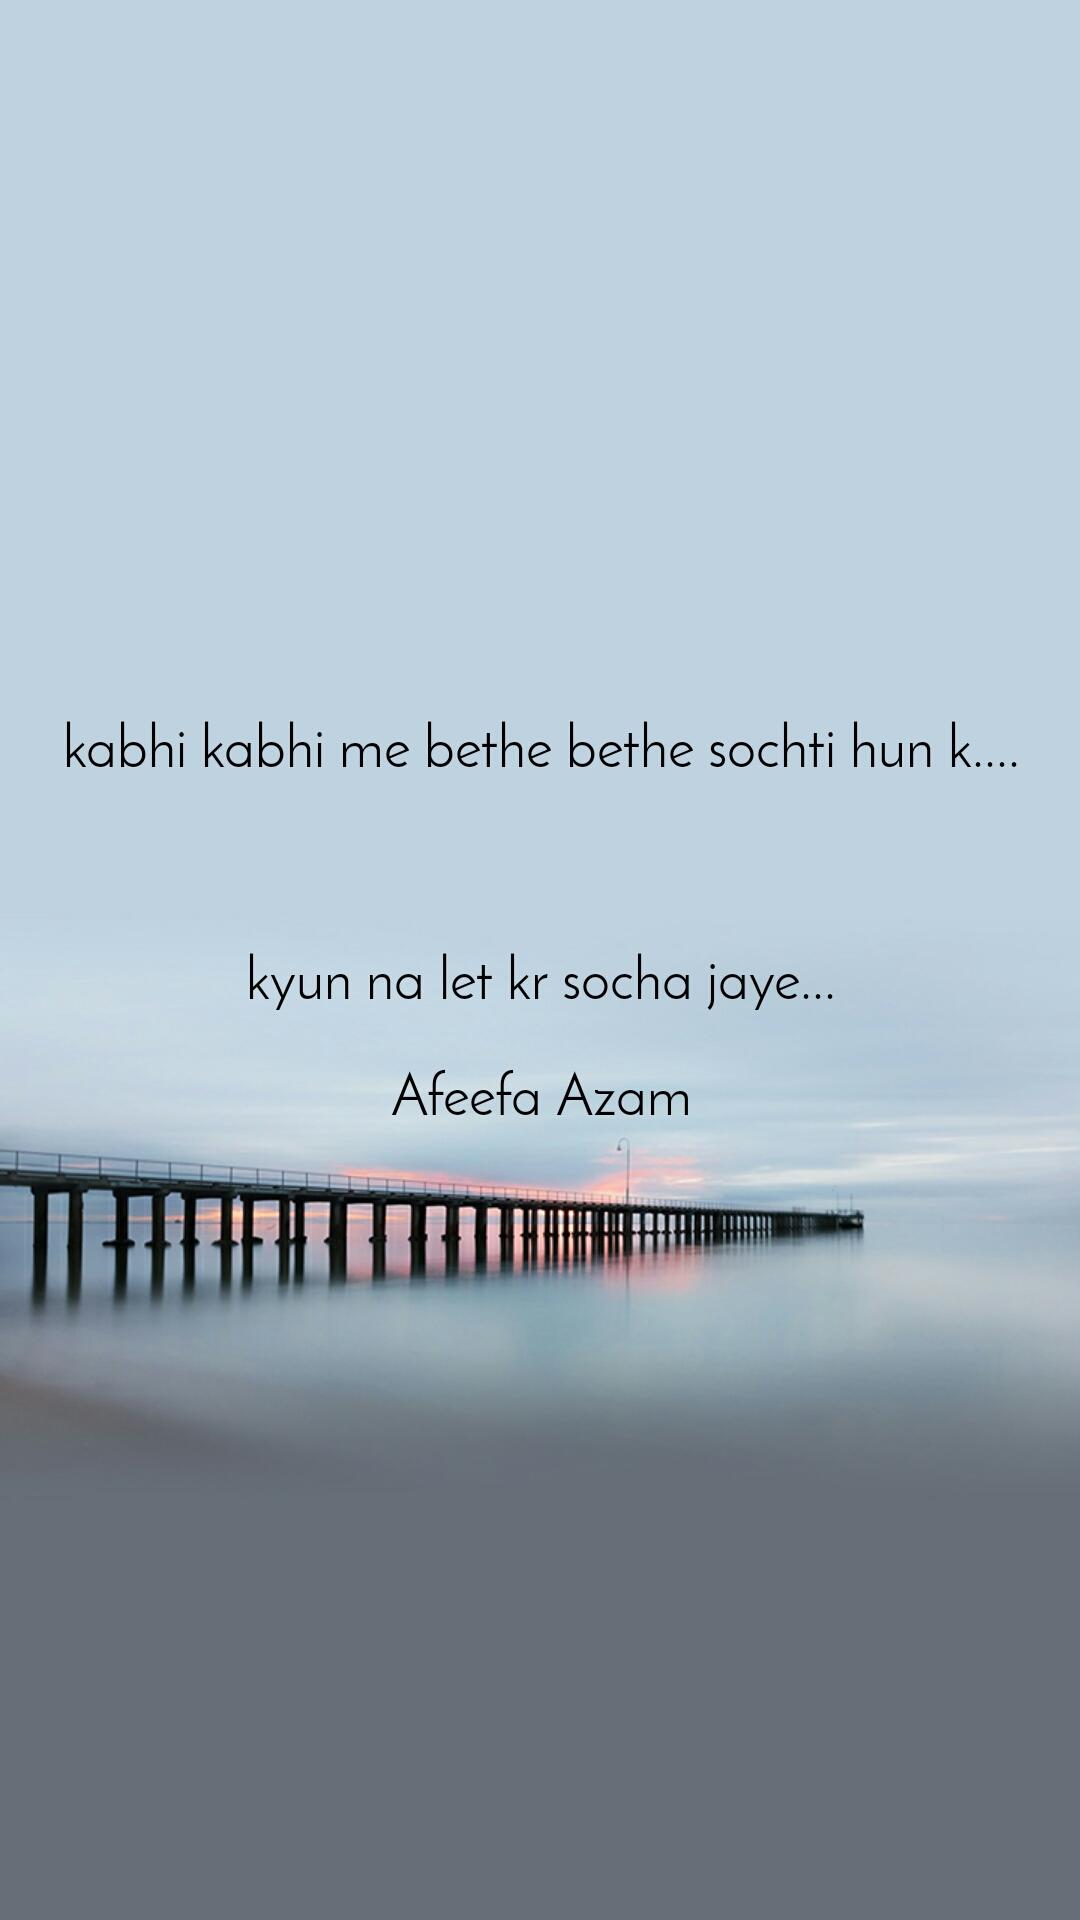 kabhi kabhi me bethe bethe sochti hun k....    kyun na let kr socha jaye...  Afeefa Azam